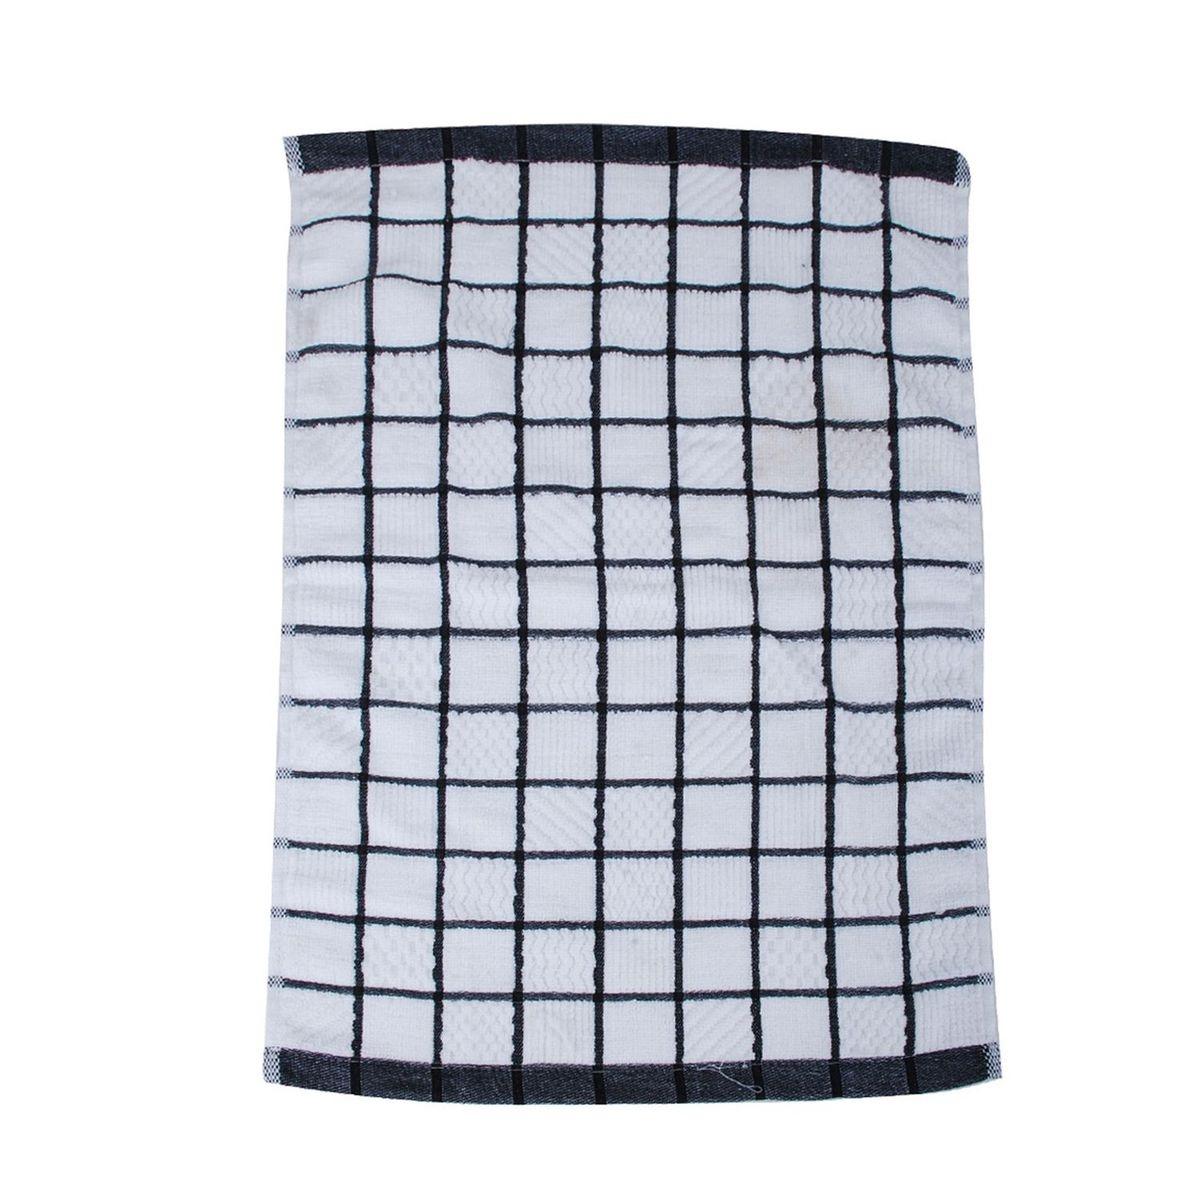 Essuie-vaisselle Microfibre - 60 x 40 cm